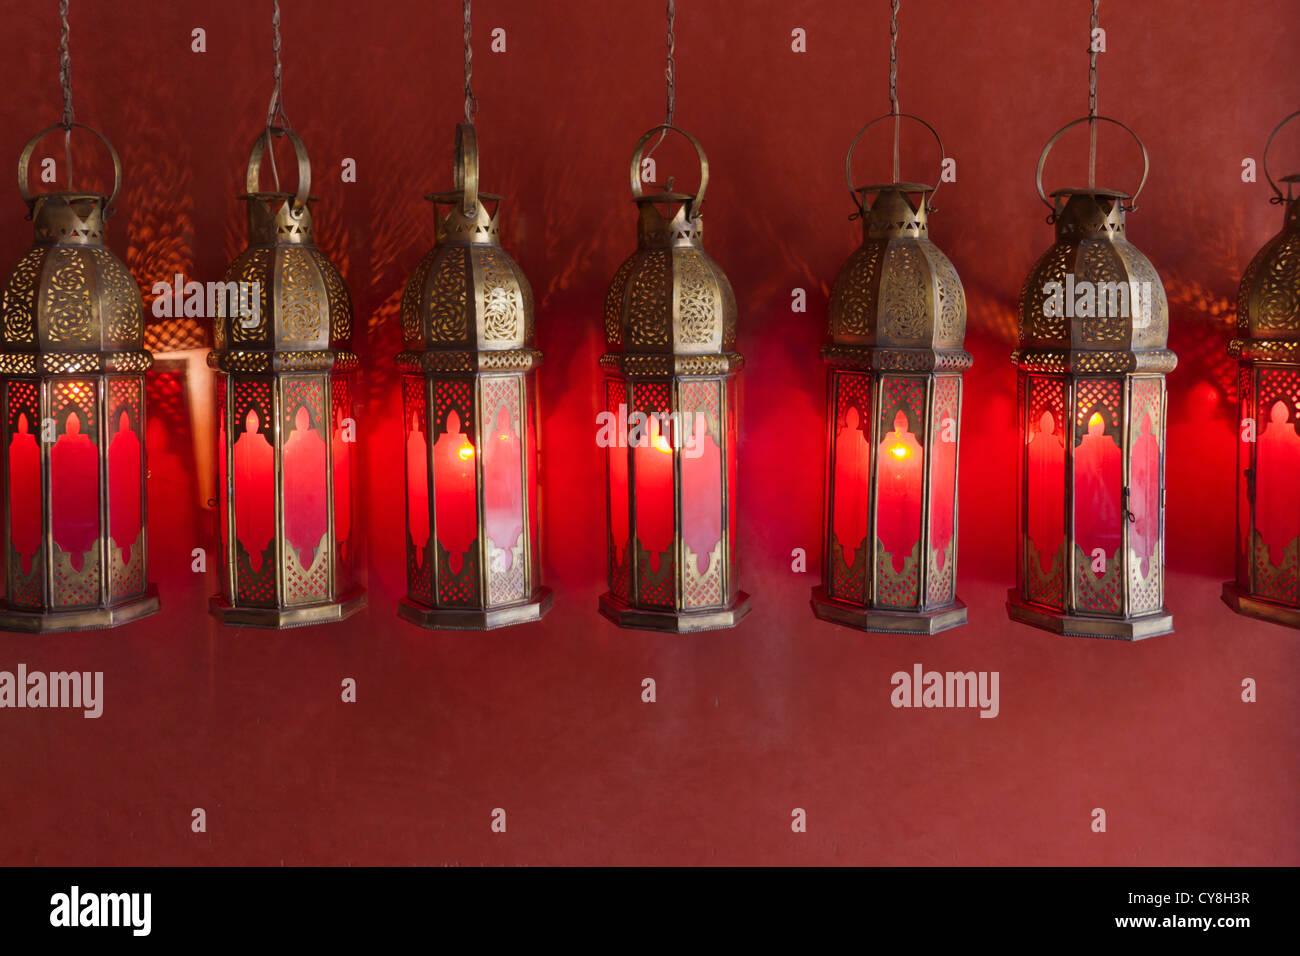 Lampes traditionnelles dans l'ancienne médina, Marrakech, Maroc Photo Stock